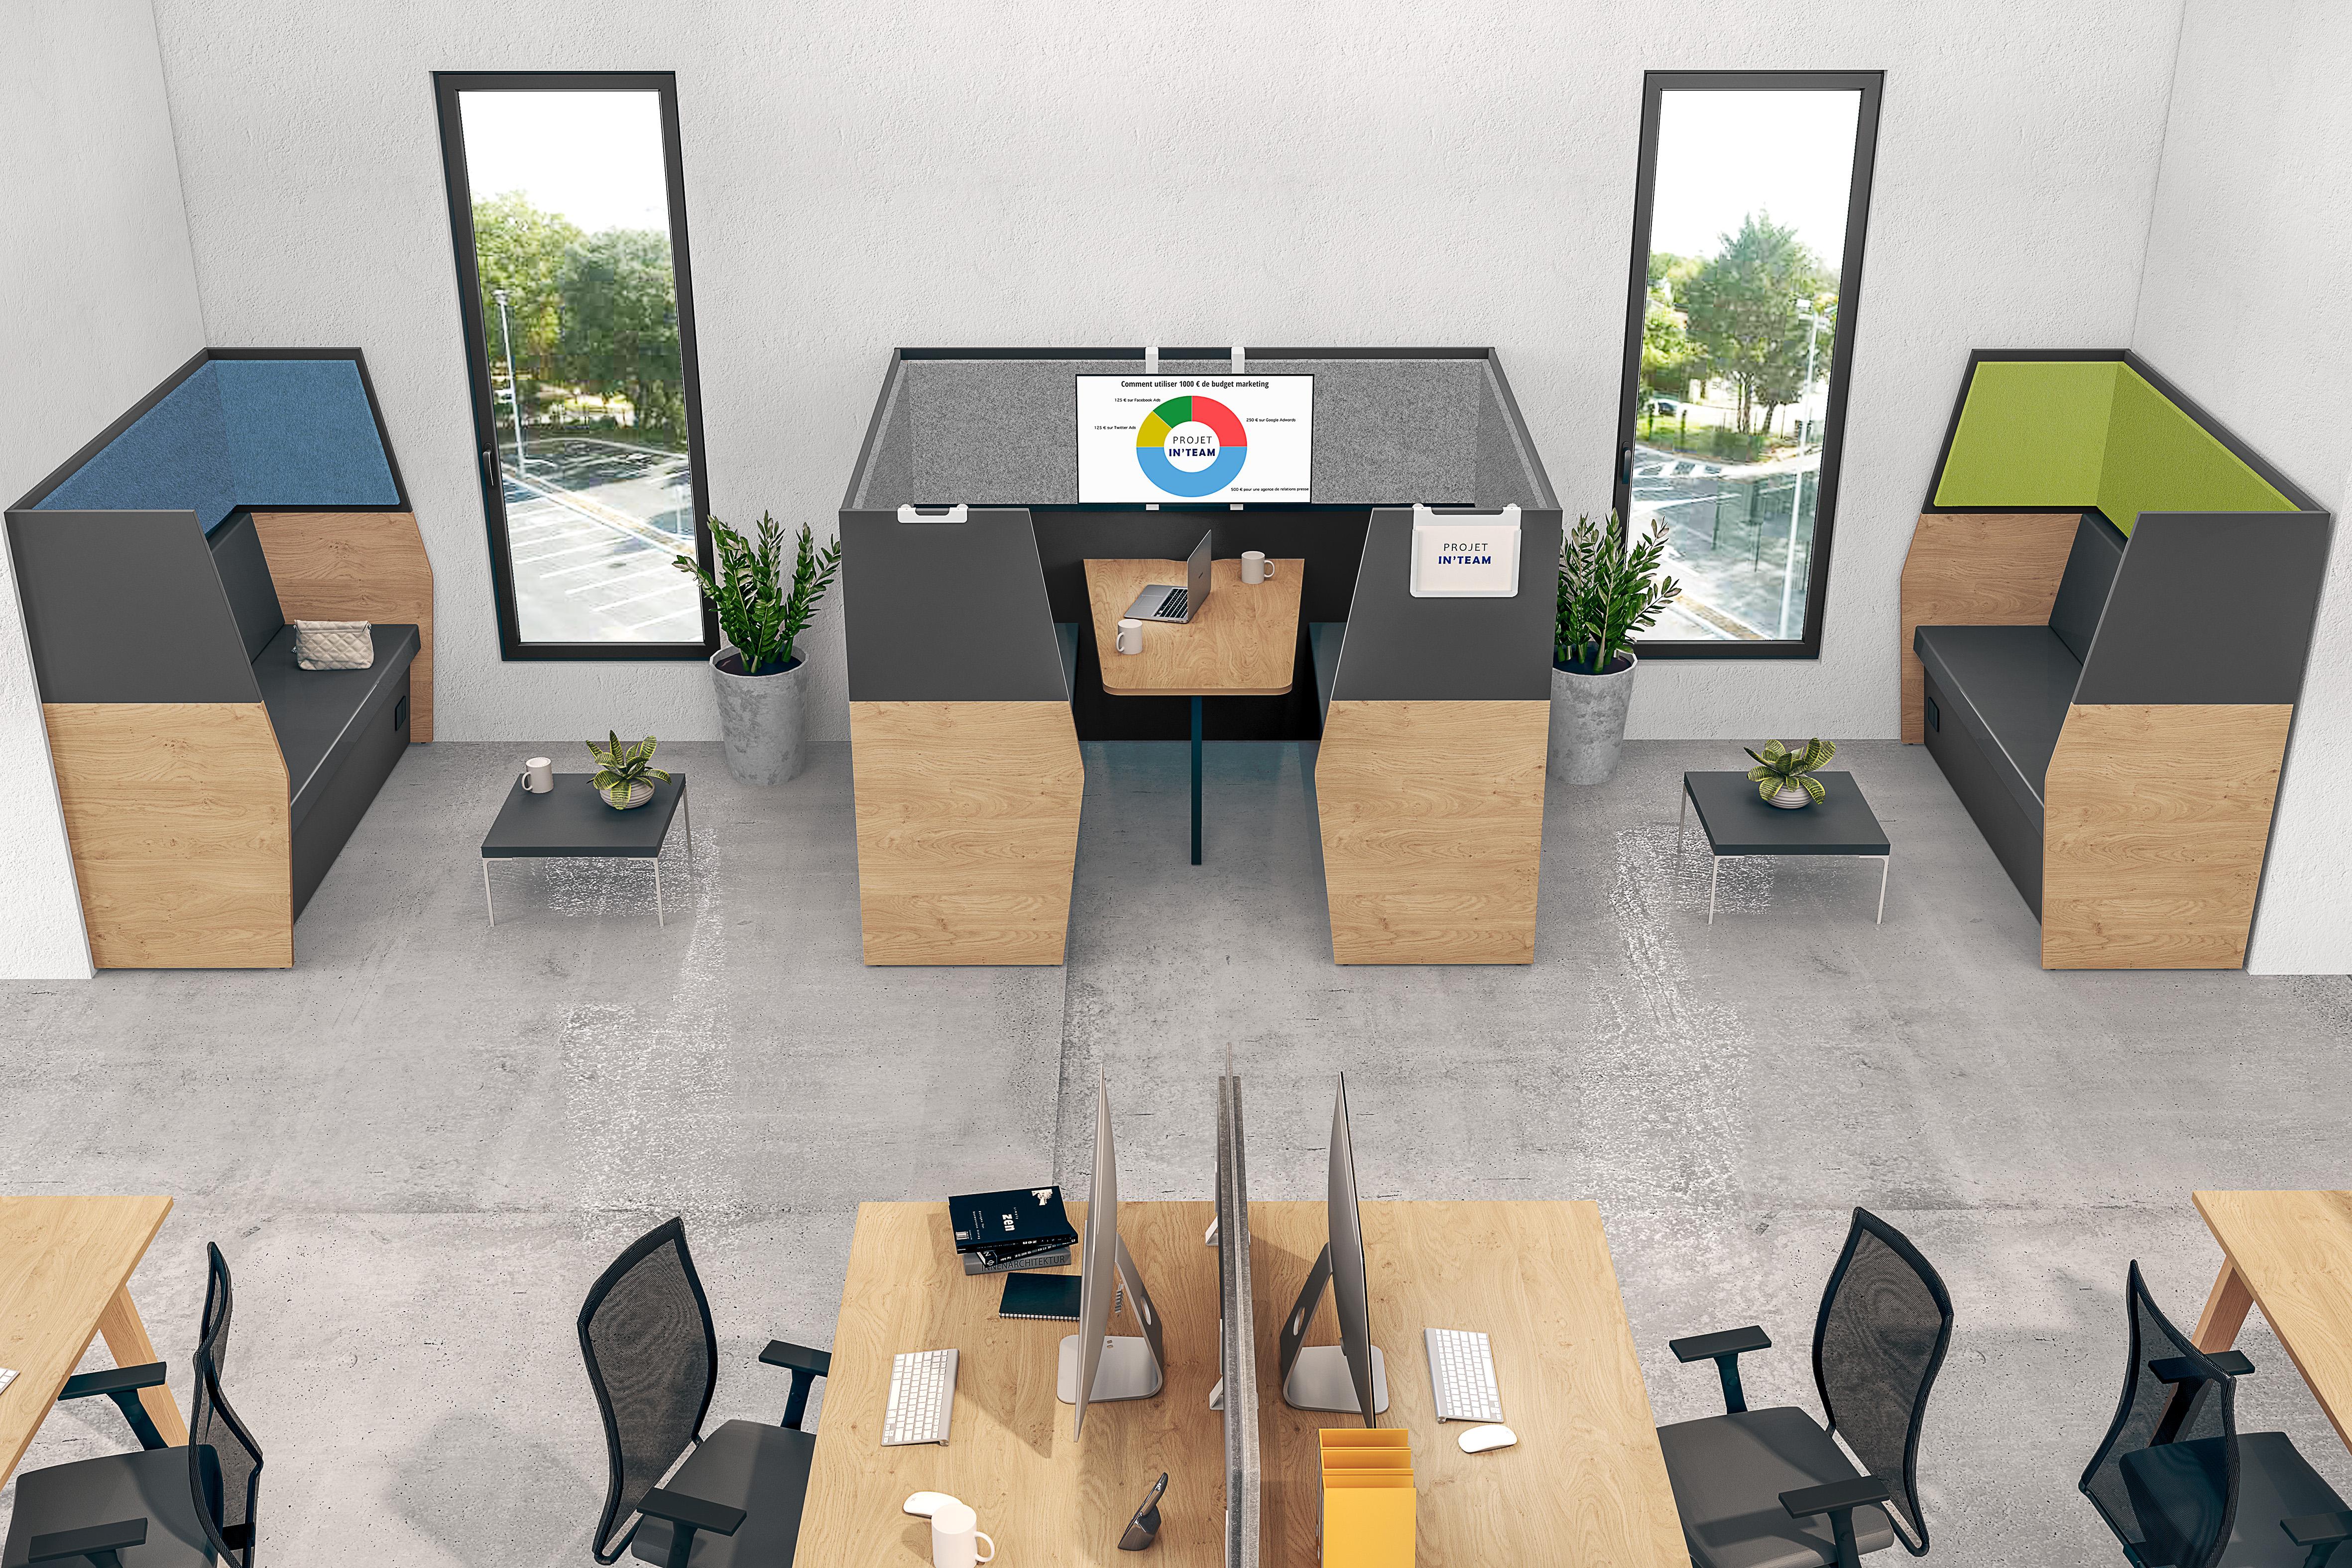 Box acoustique IN'TEAM - L210 x H 150 x P170 cm - 6 places avec table - structure chêne clair et carbone - panneaux gris chiné